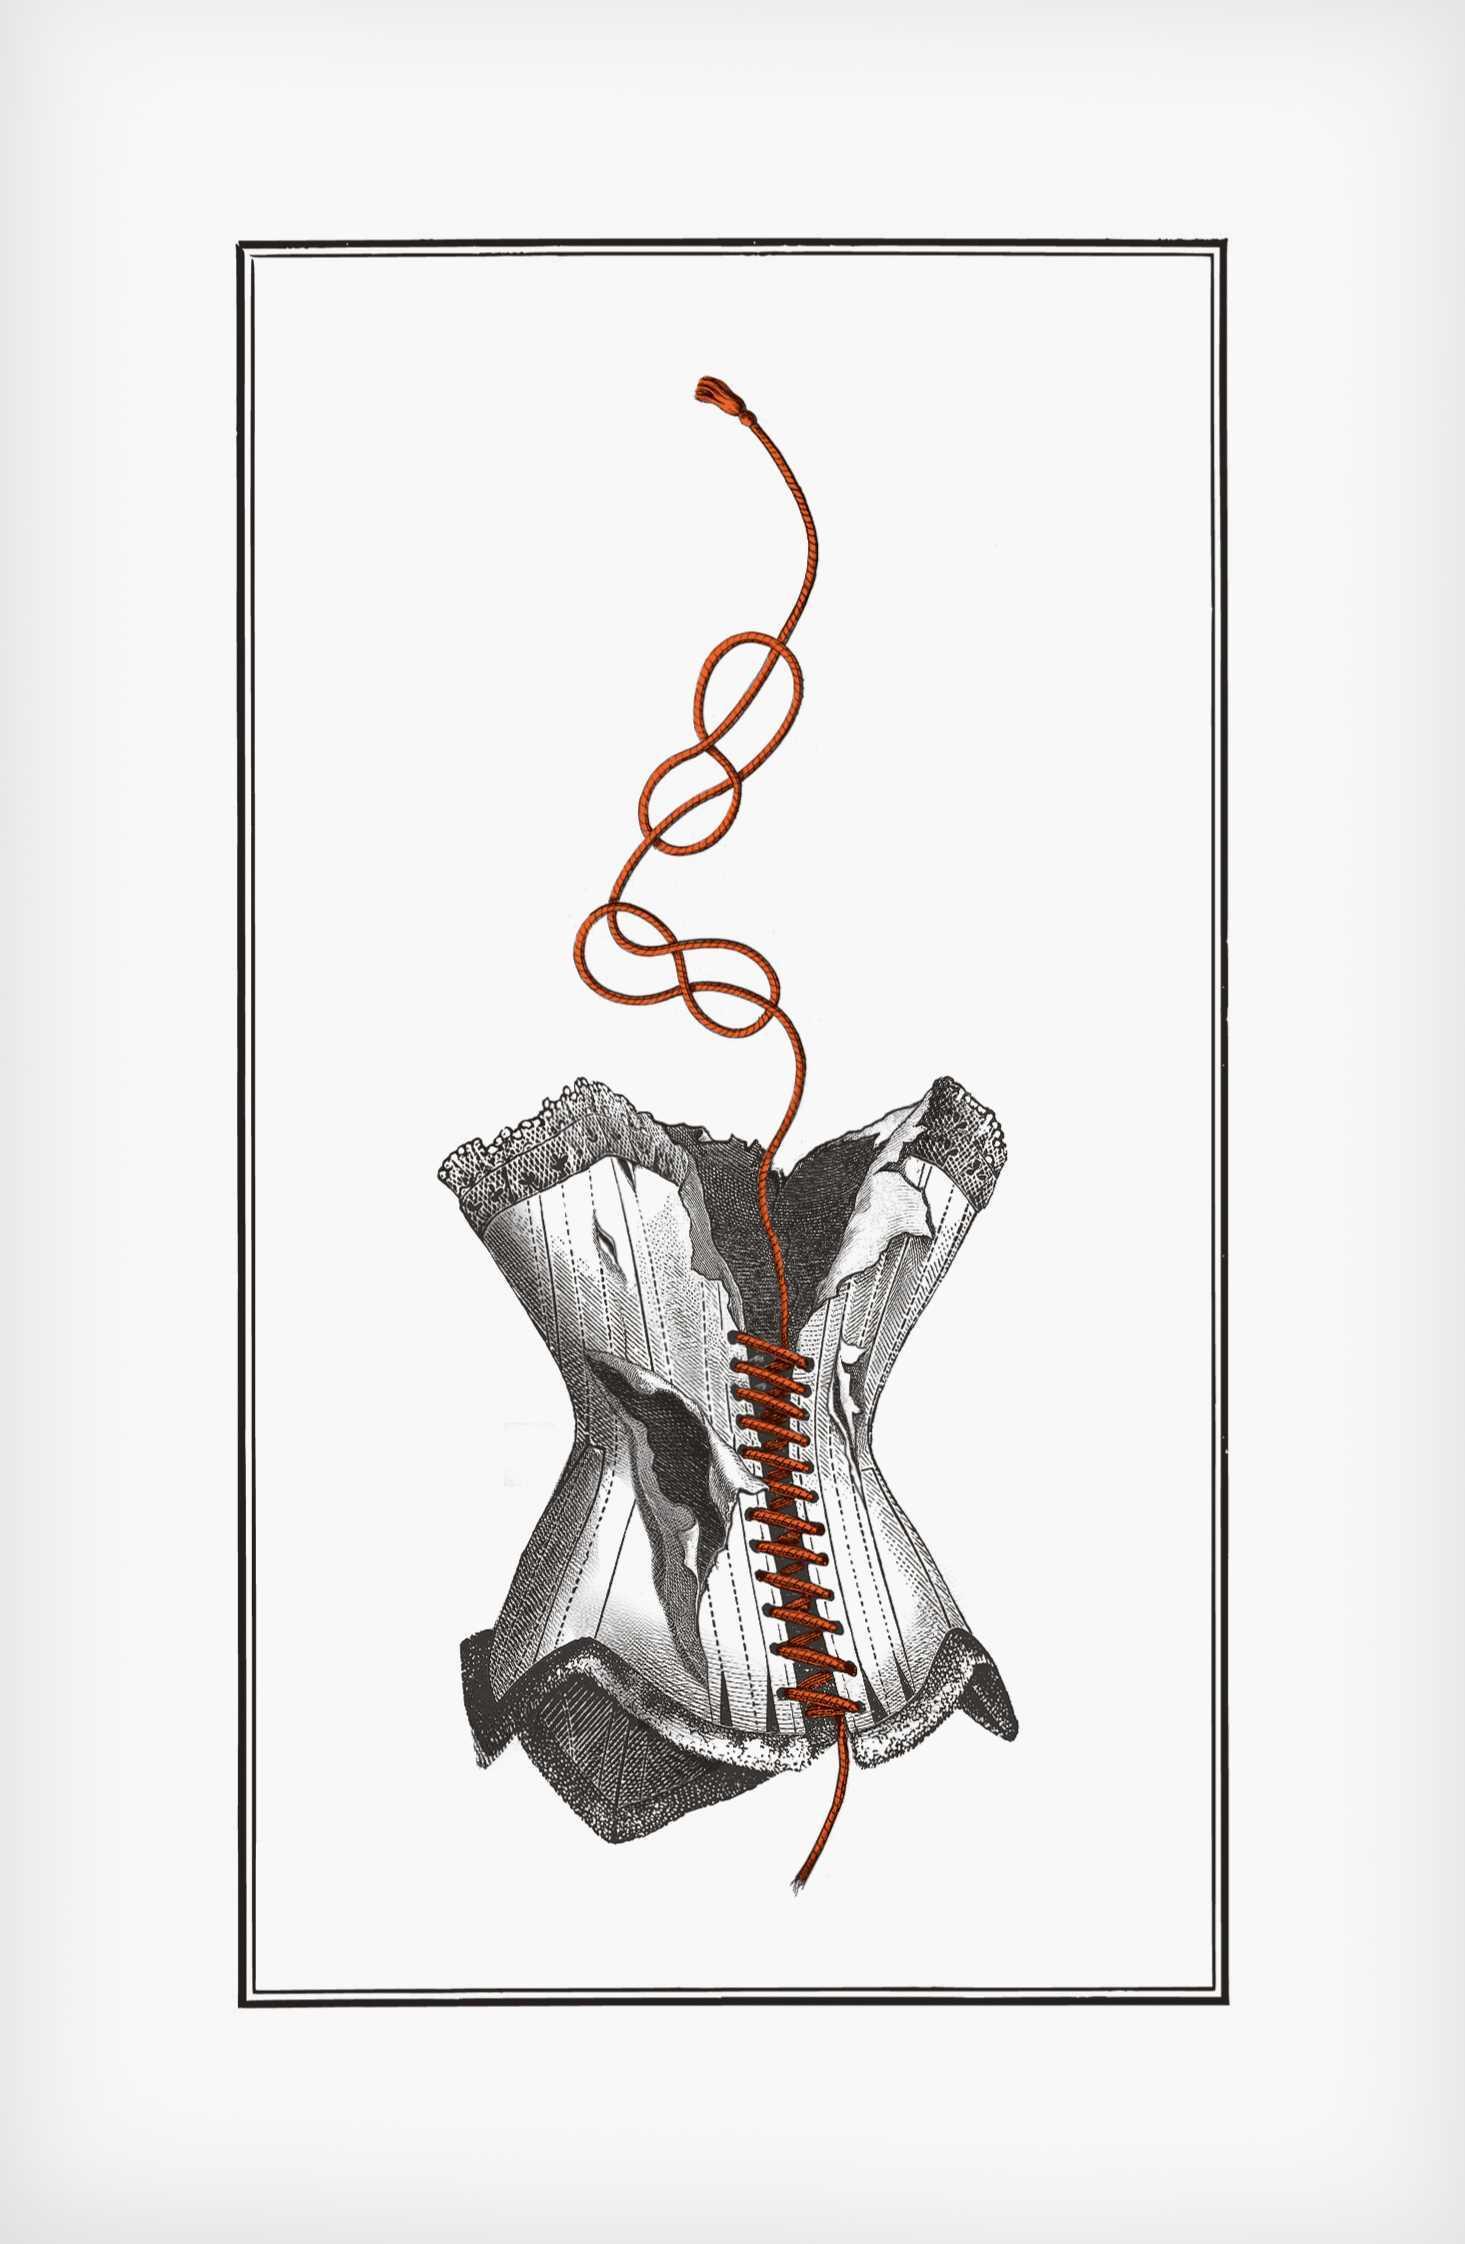 """""""Przedmiot uszkodzony"""", ilustracja zksiążki """"Corpus Delicti"""" Jakuba Mikurdy iJakuba Woynarowskiego, grafika: Jakub Woynarowski"""